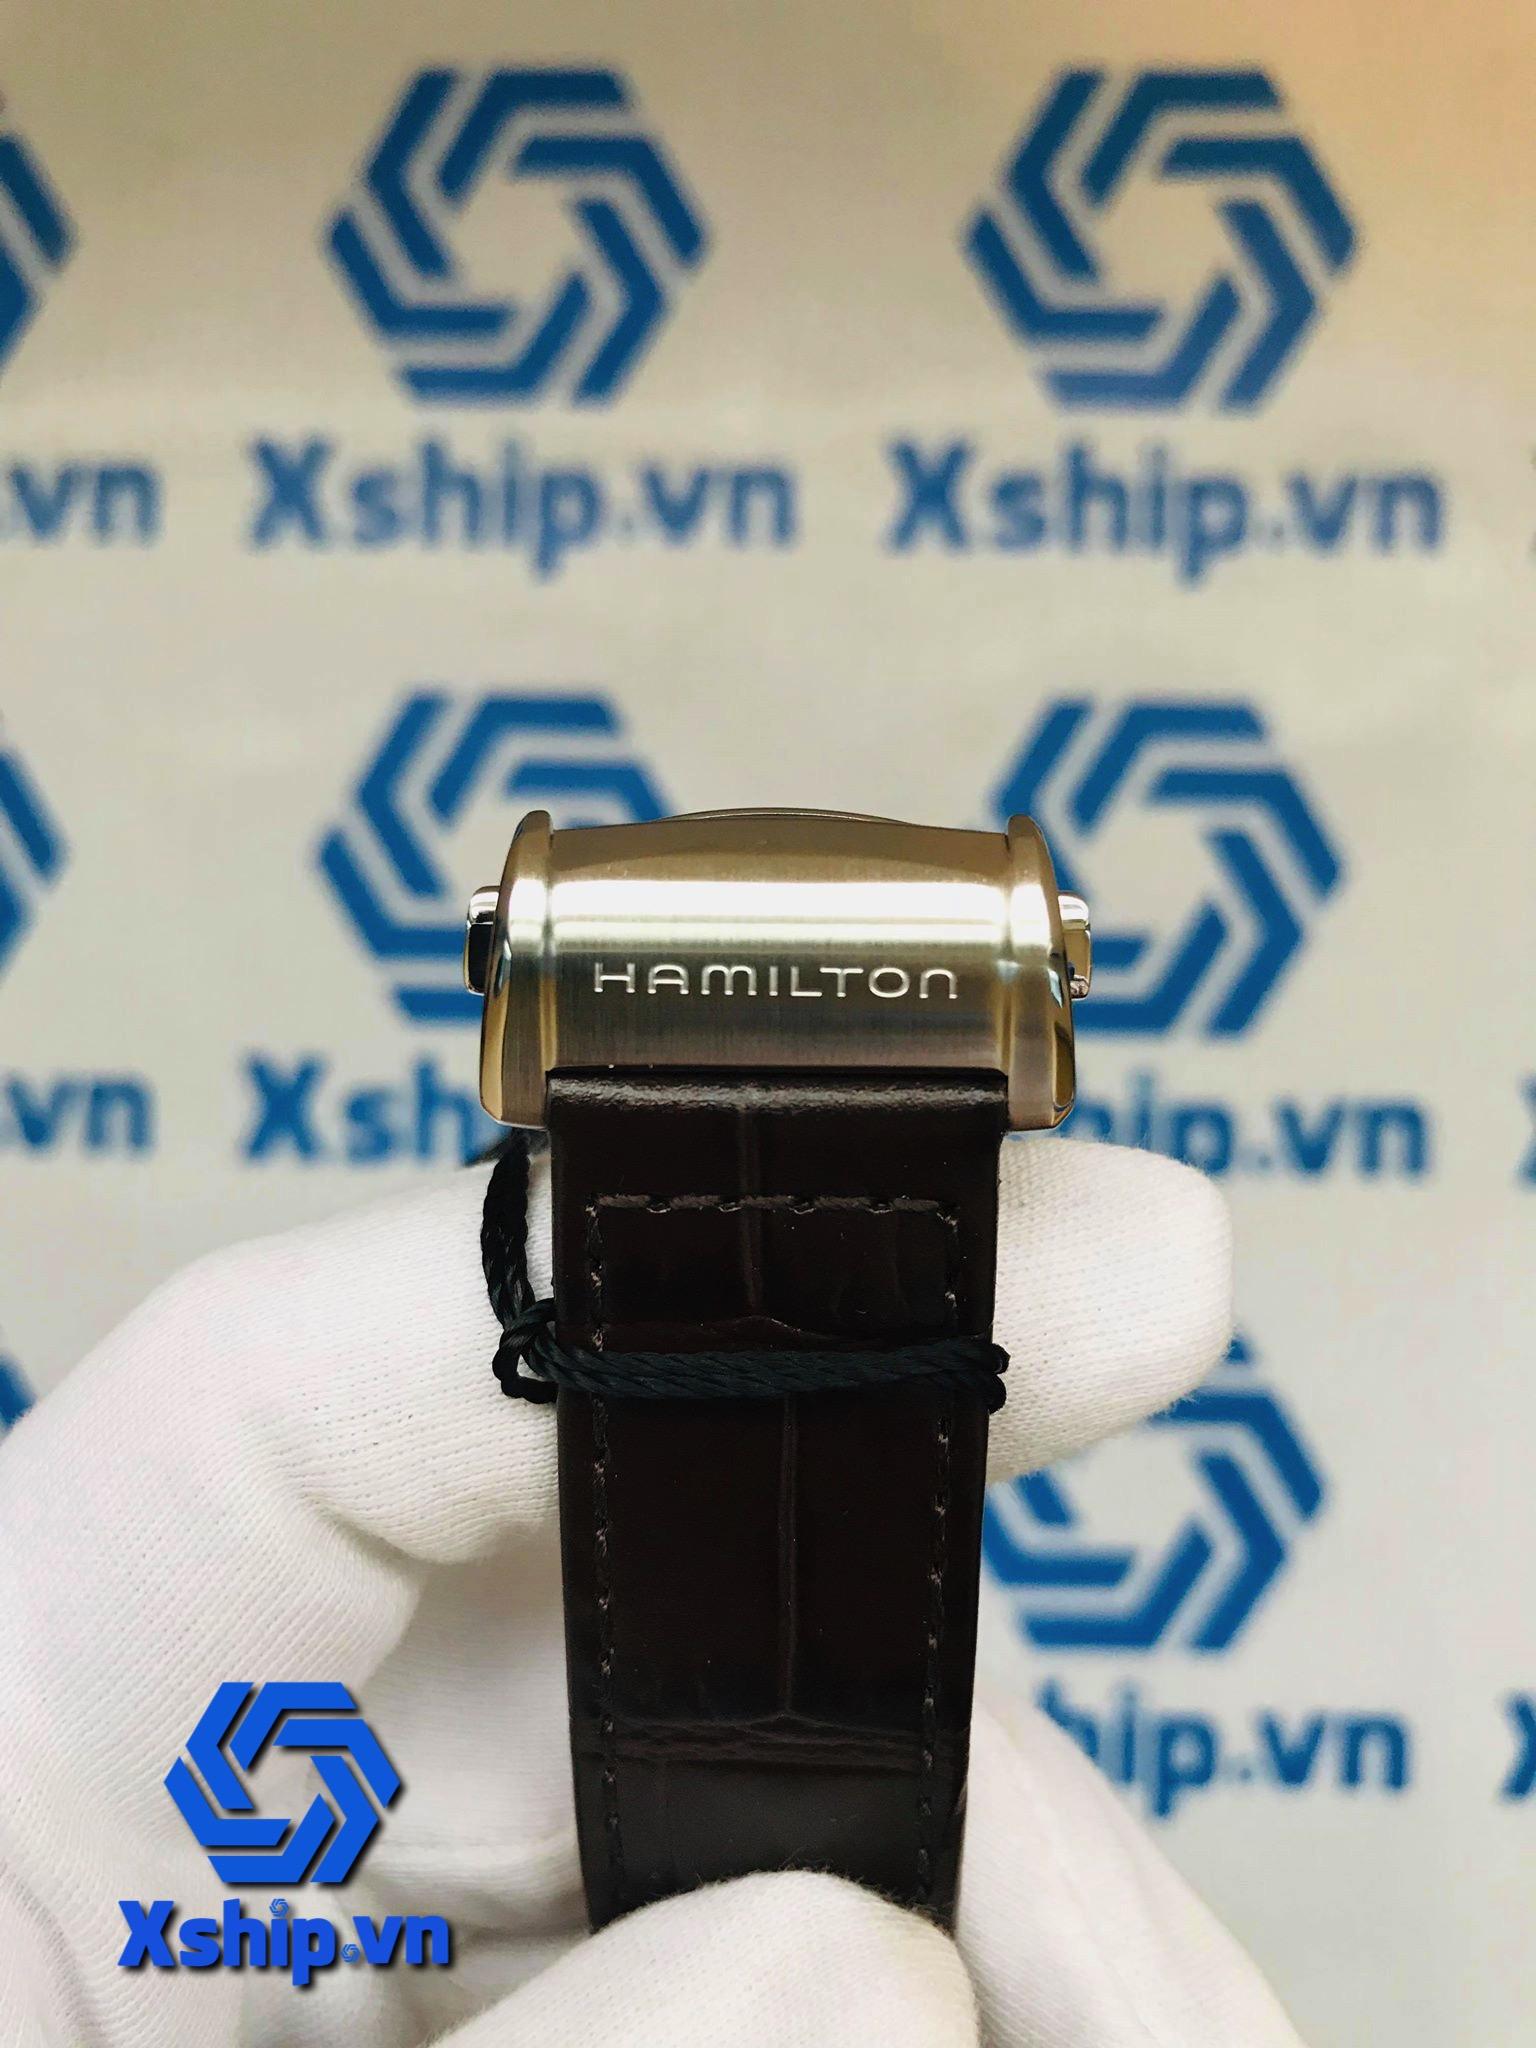 Hamilton Jazzmaster Open Heart Silver Dial Mens H32705551